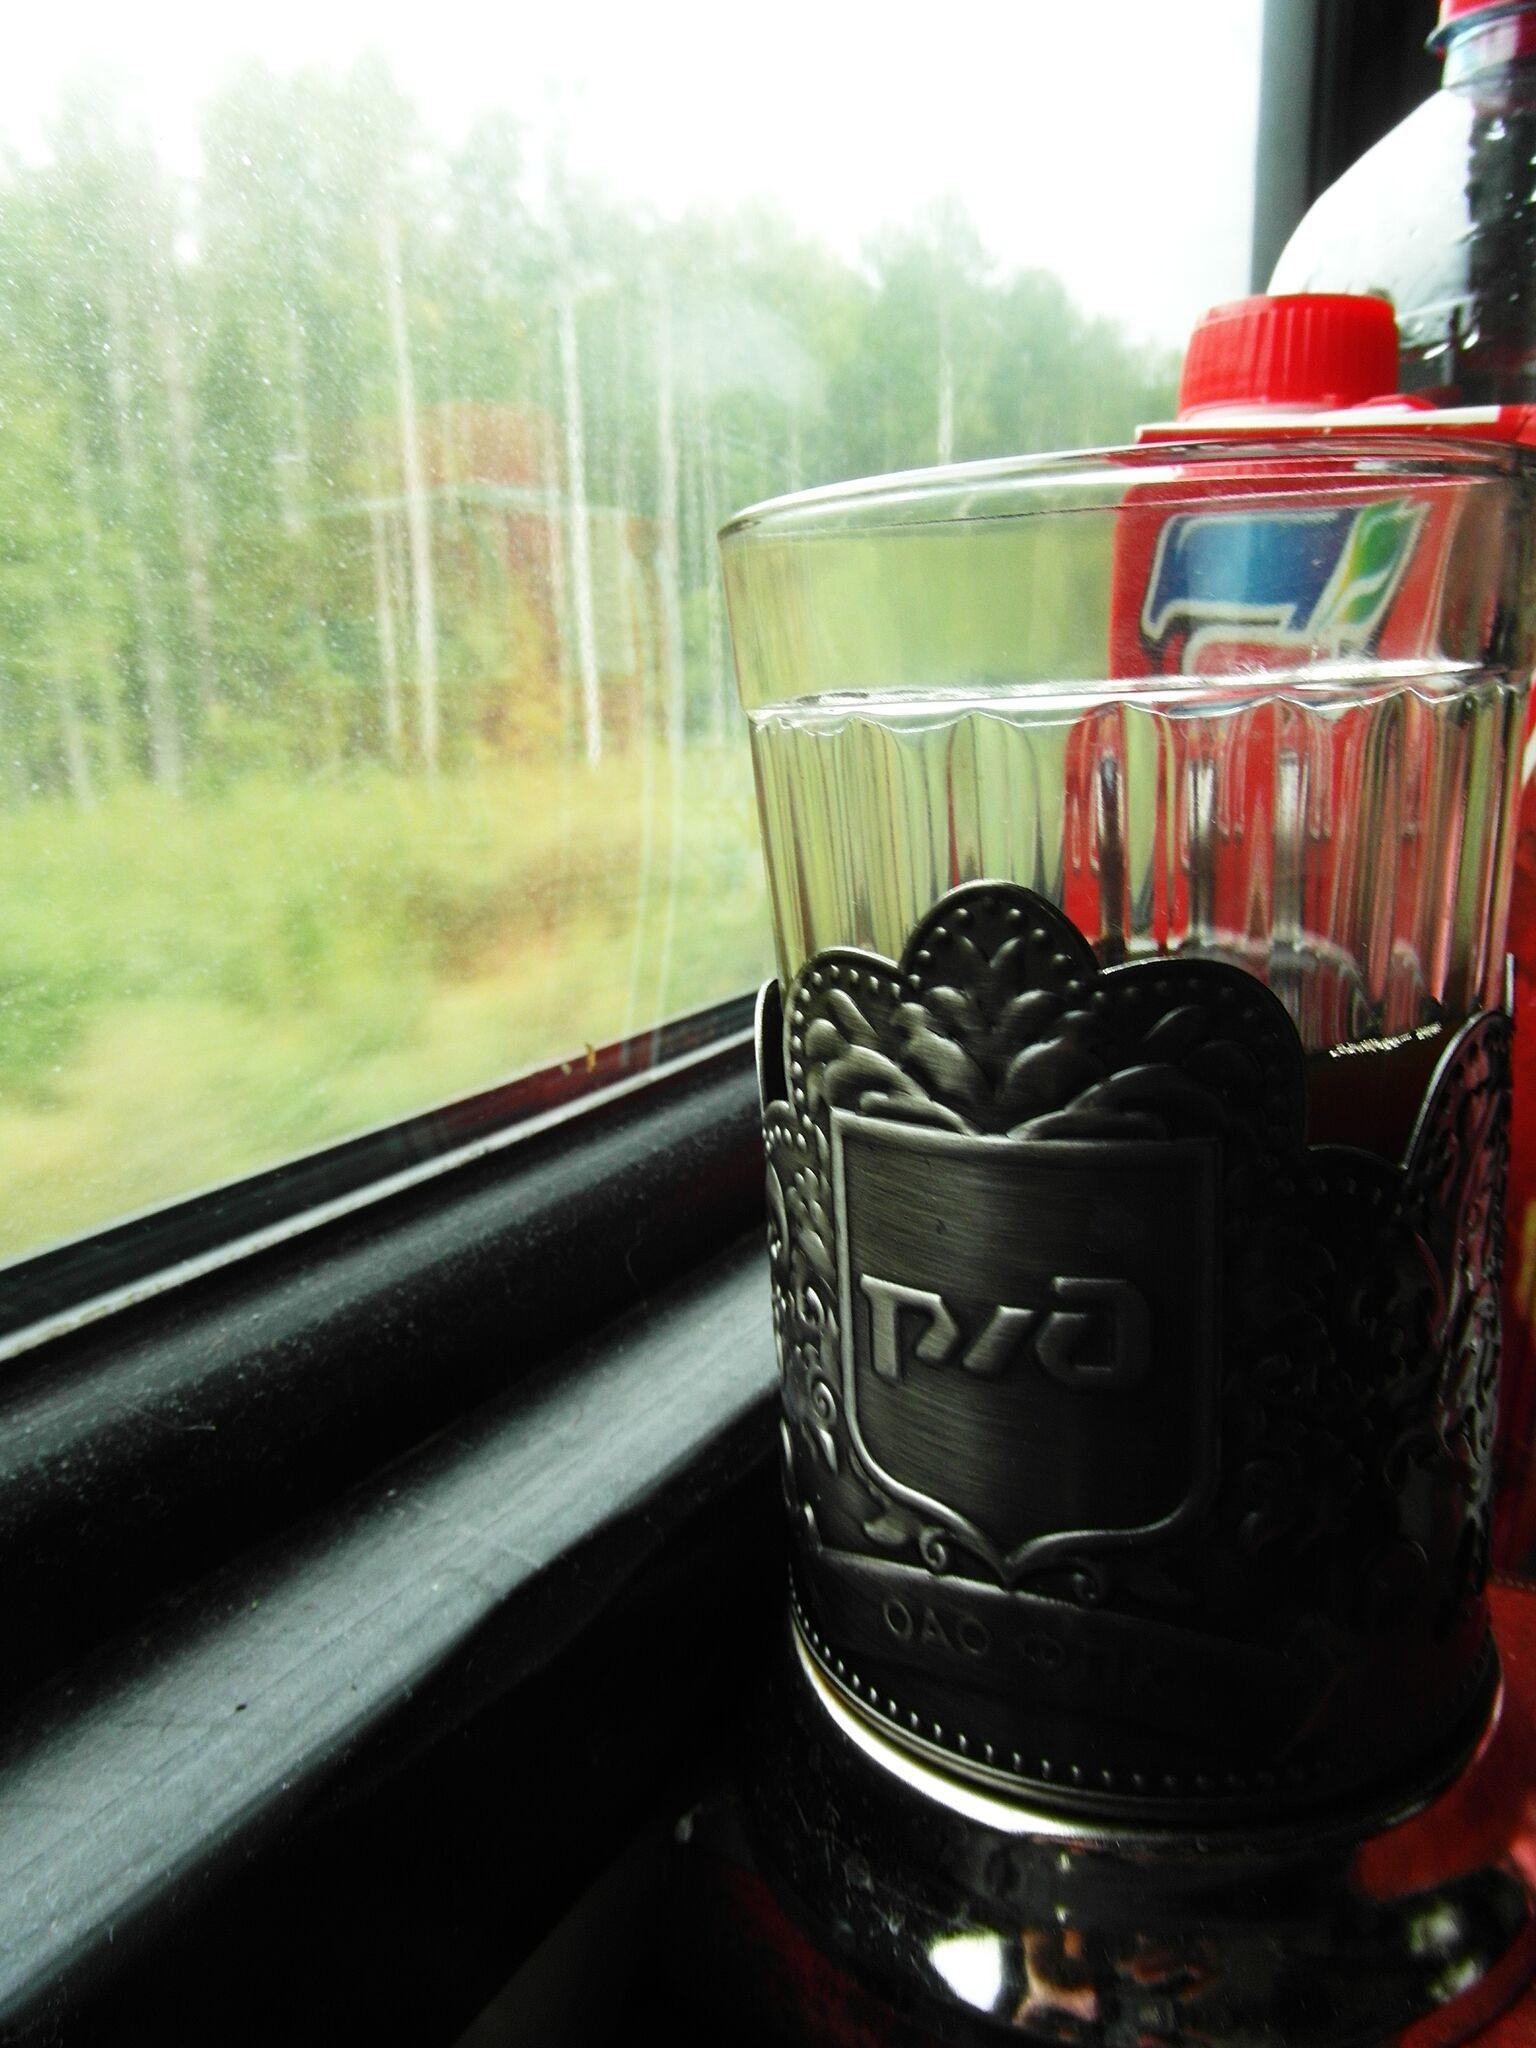 Gelas teh semacam ini sangat cocok untuk perjalanan. Anda juga bisa membelinya sebagai oleh-oleh.